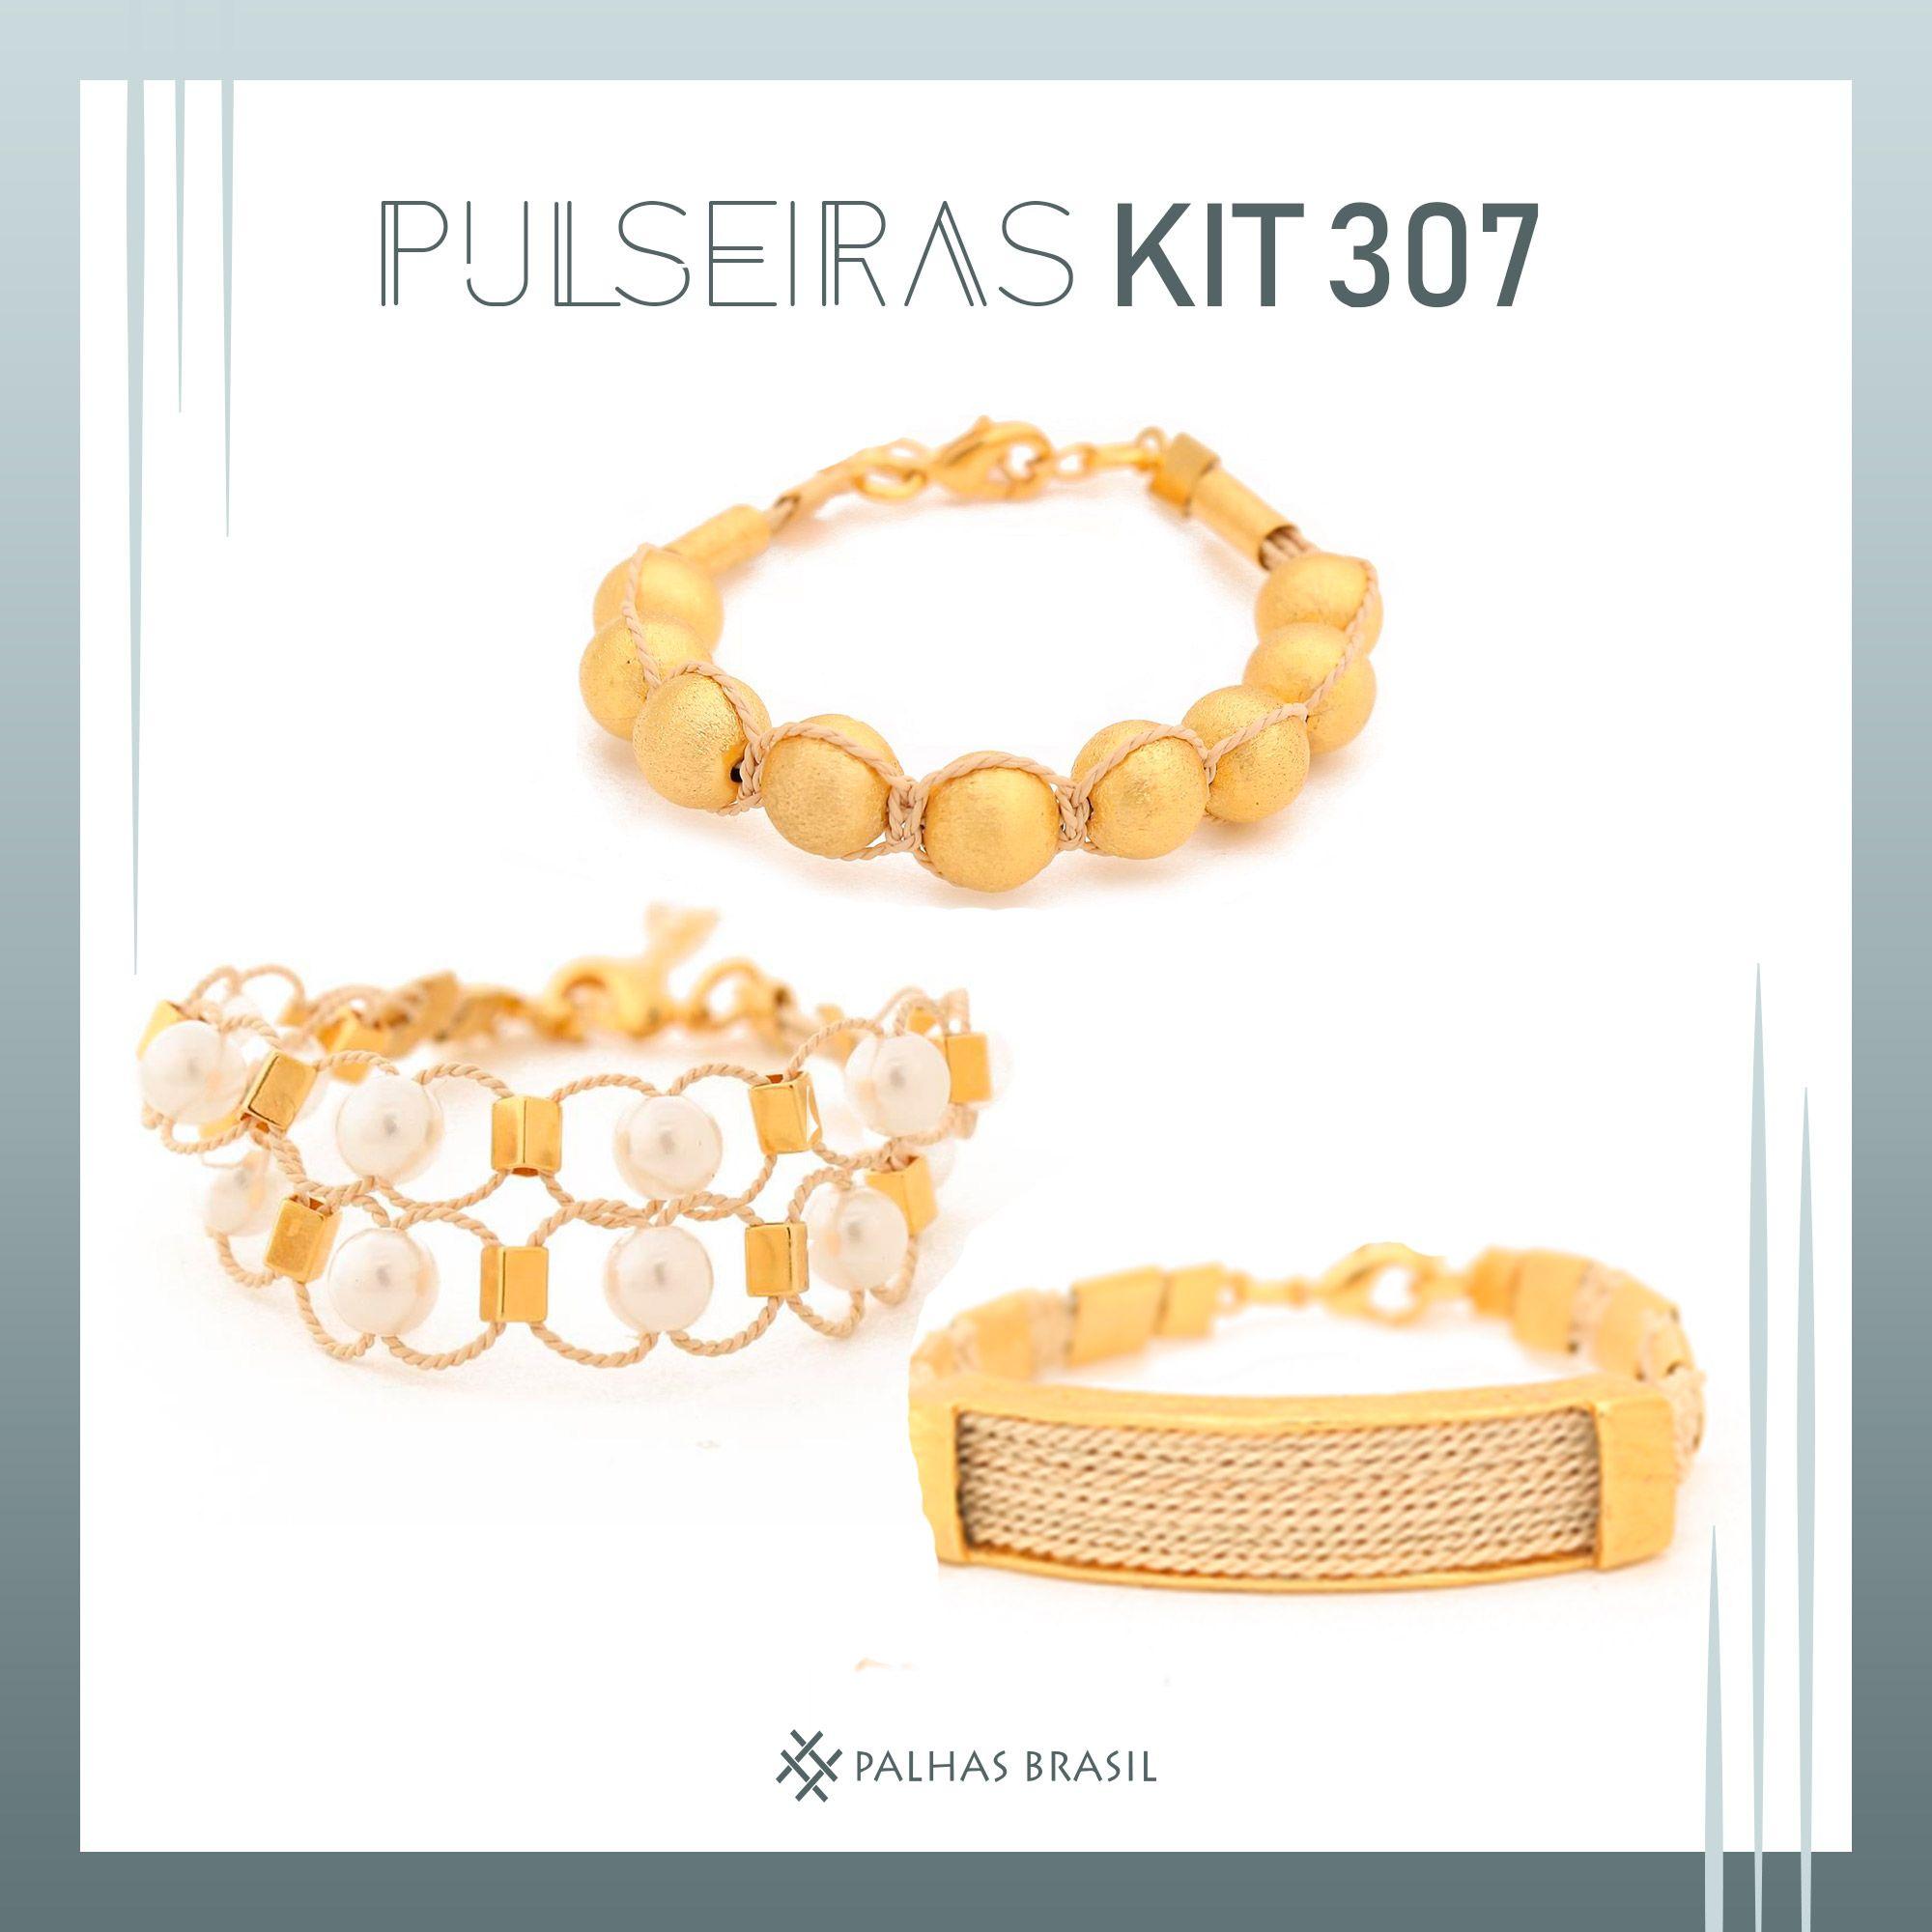 KIT307 - KIT PROMOCIONAL EM PALHA DE BURITI